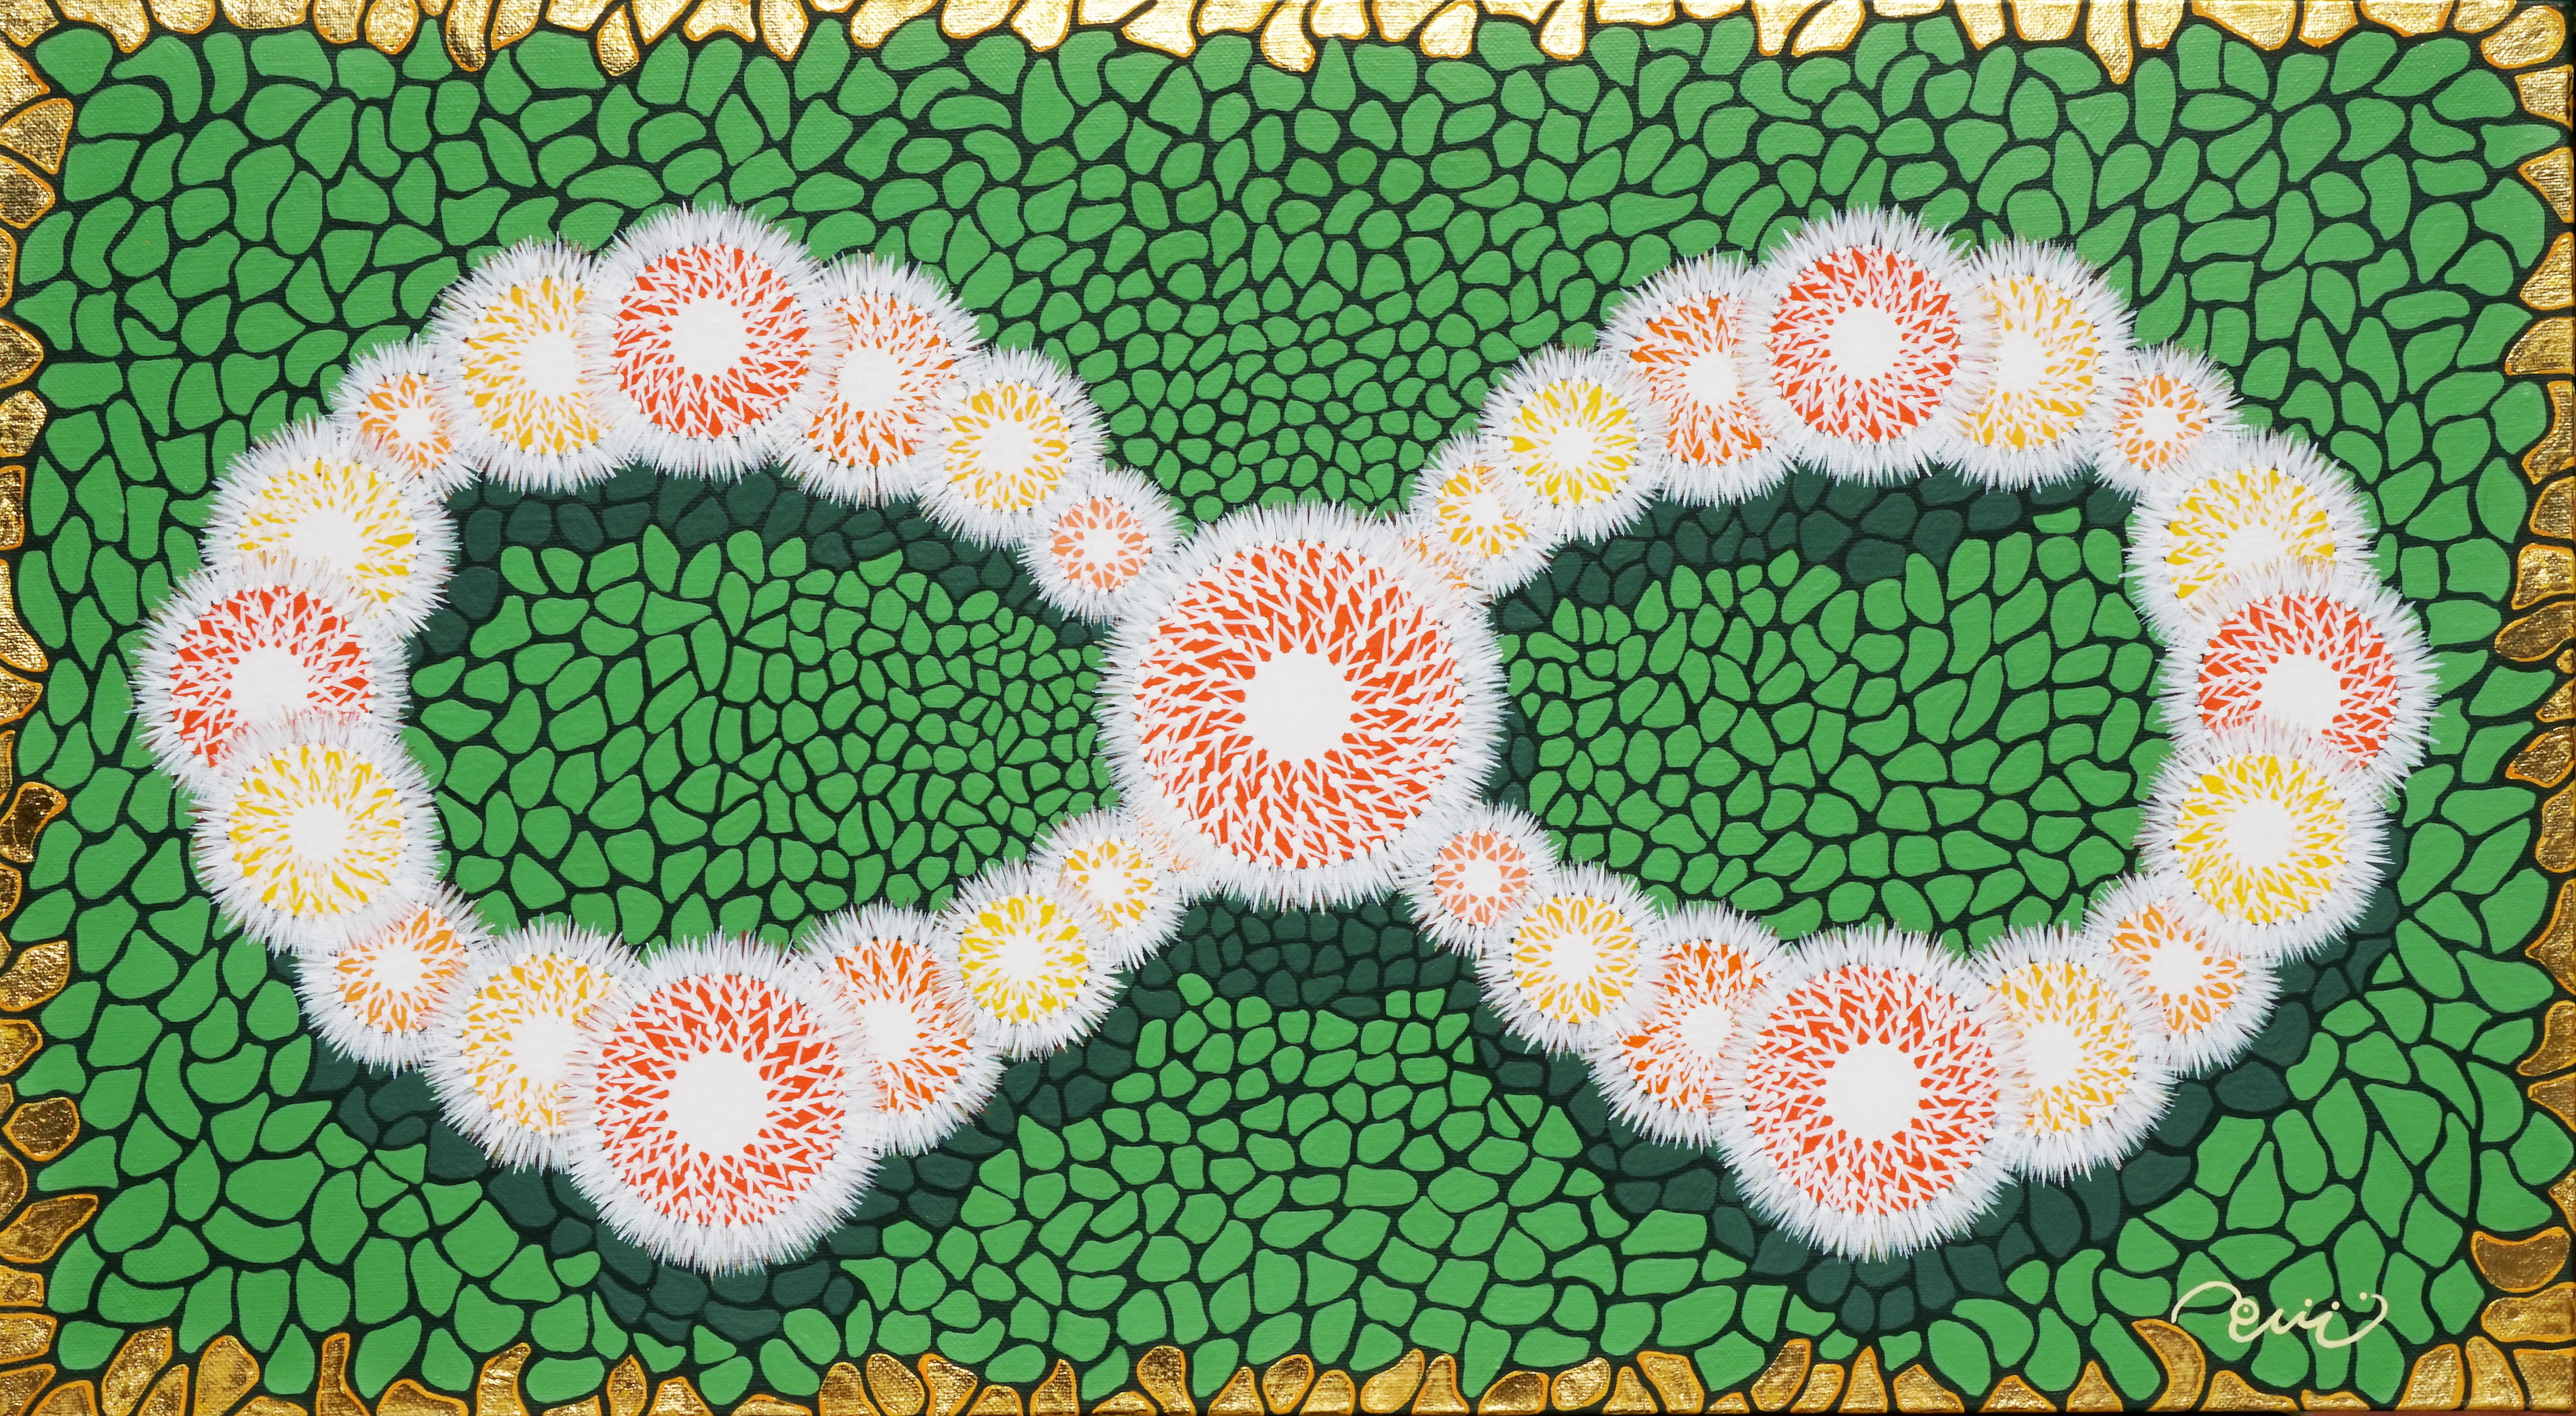 Cactus-longing